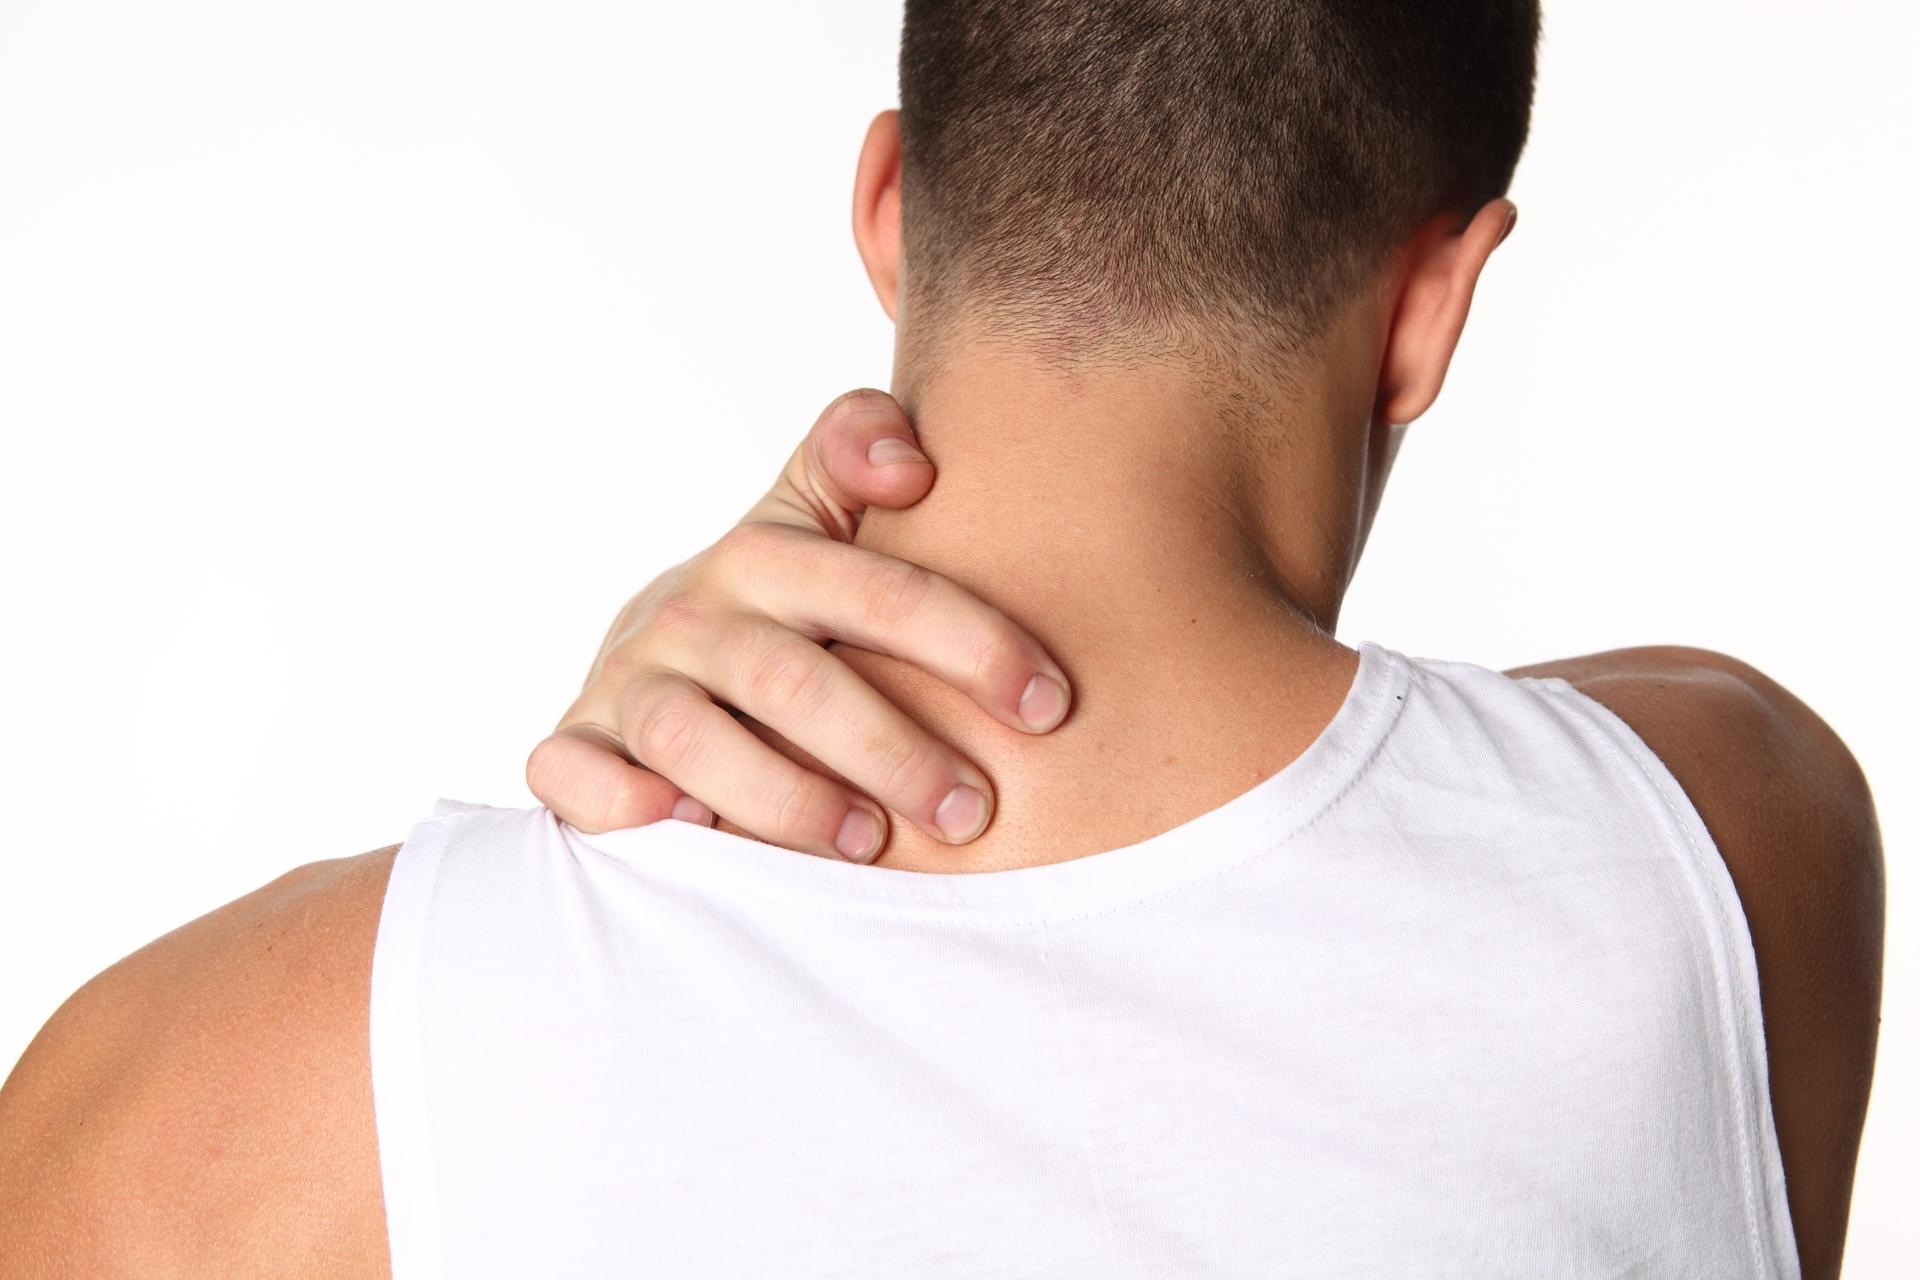 Problemas de Cervicales y su Conflicto Emocional | Marisa Cassan